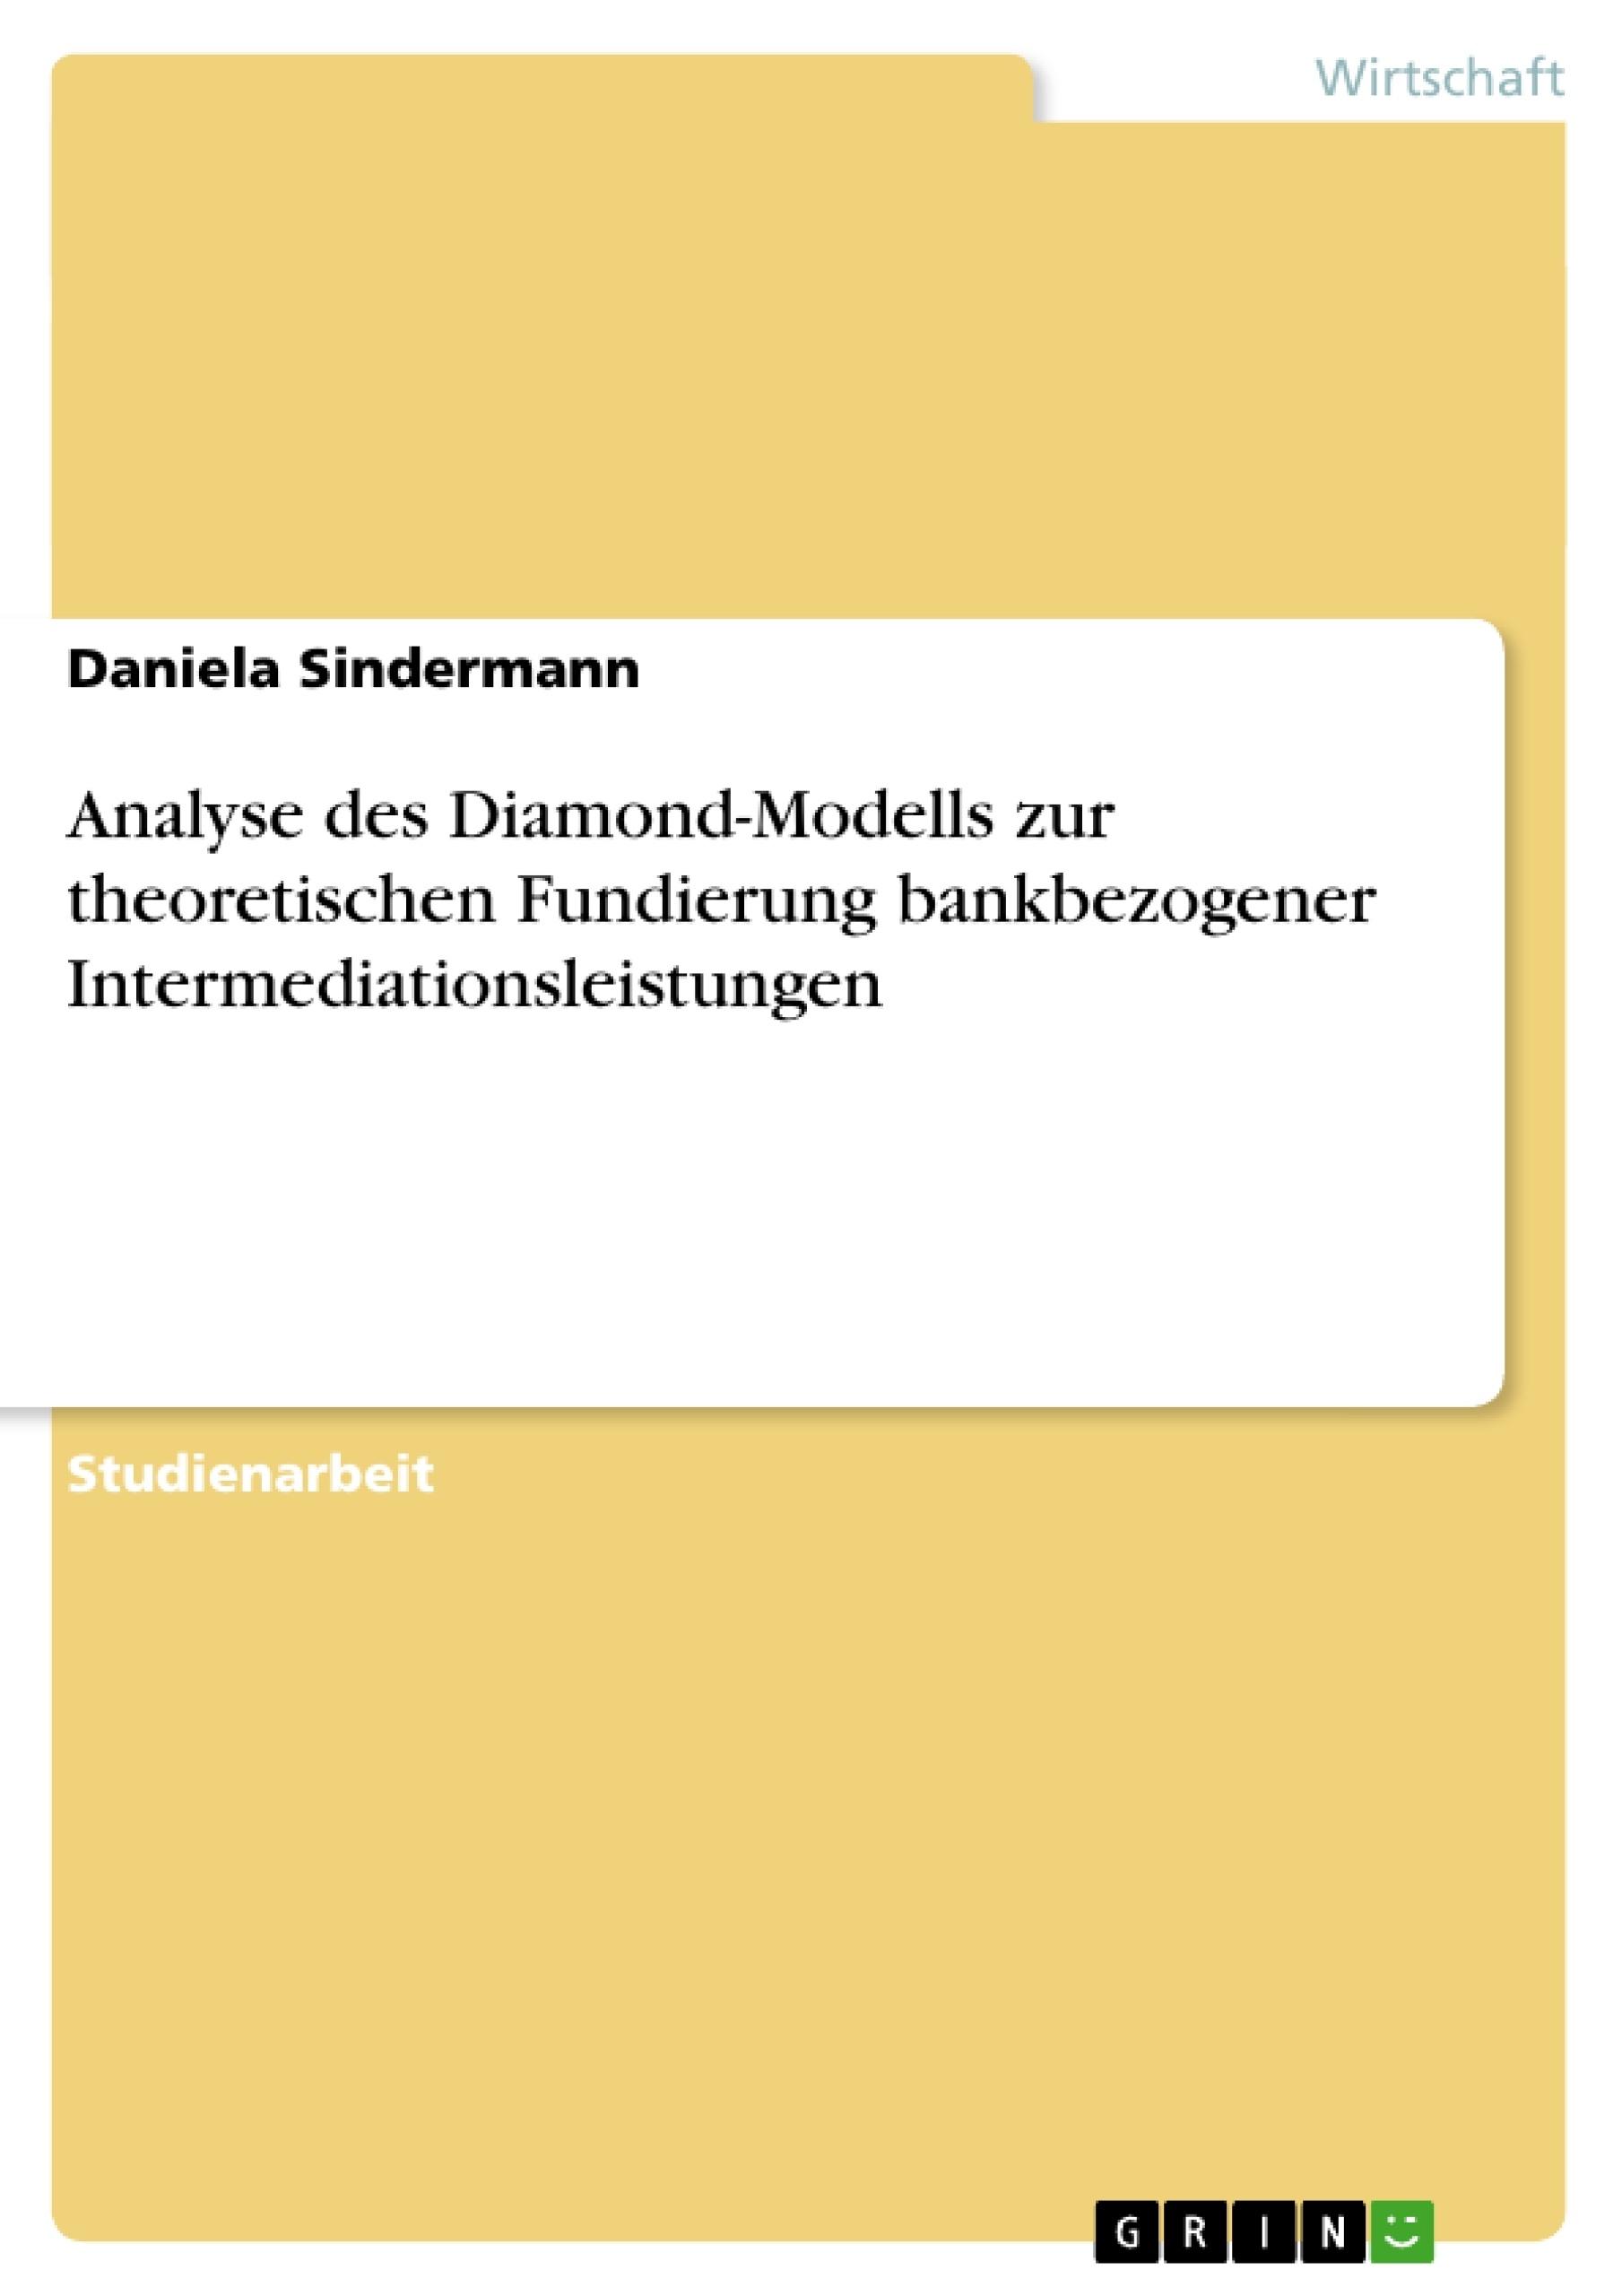 Titel: Analyse des Diamond-Modells zur theoretischen Fundierung bankbezogener Intermediationsleistungen